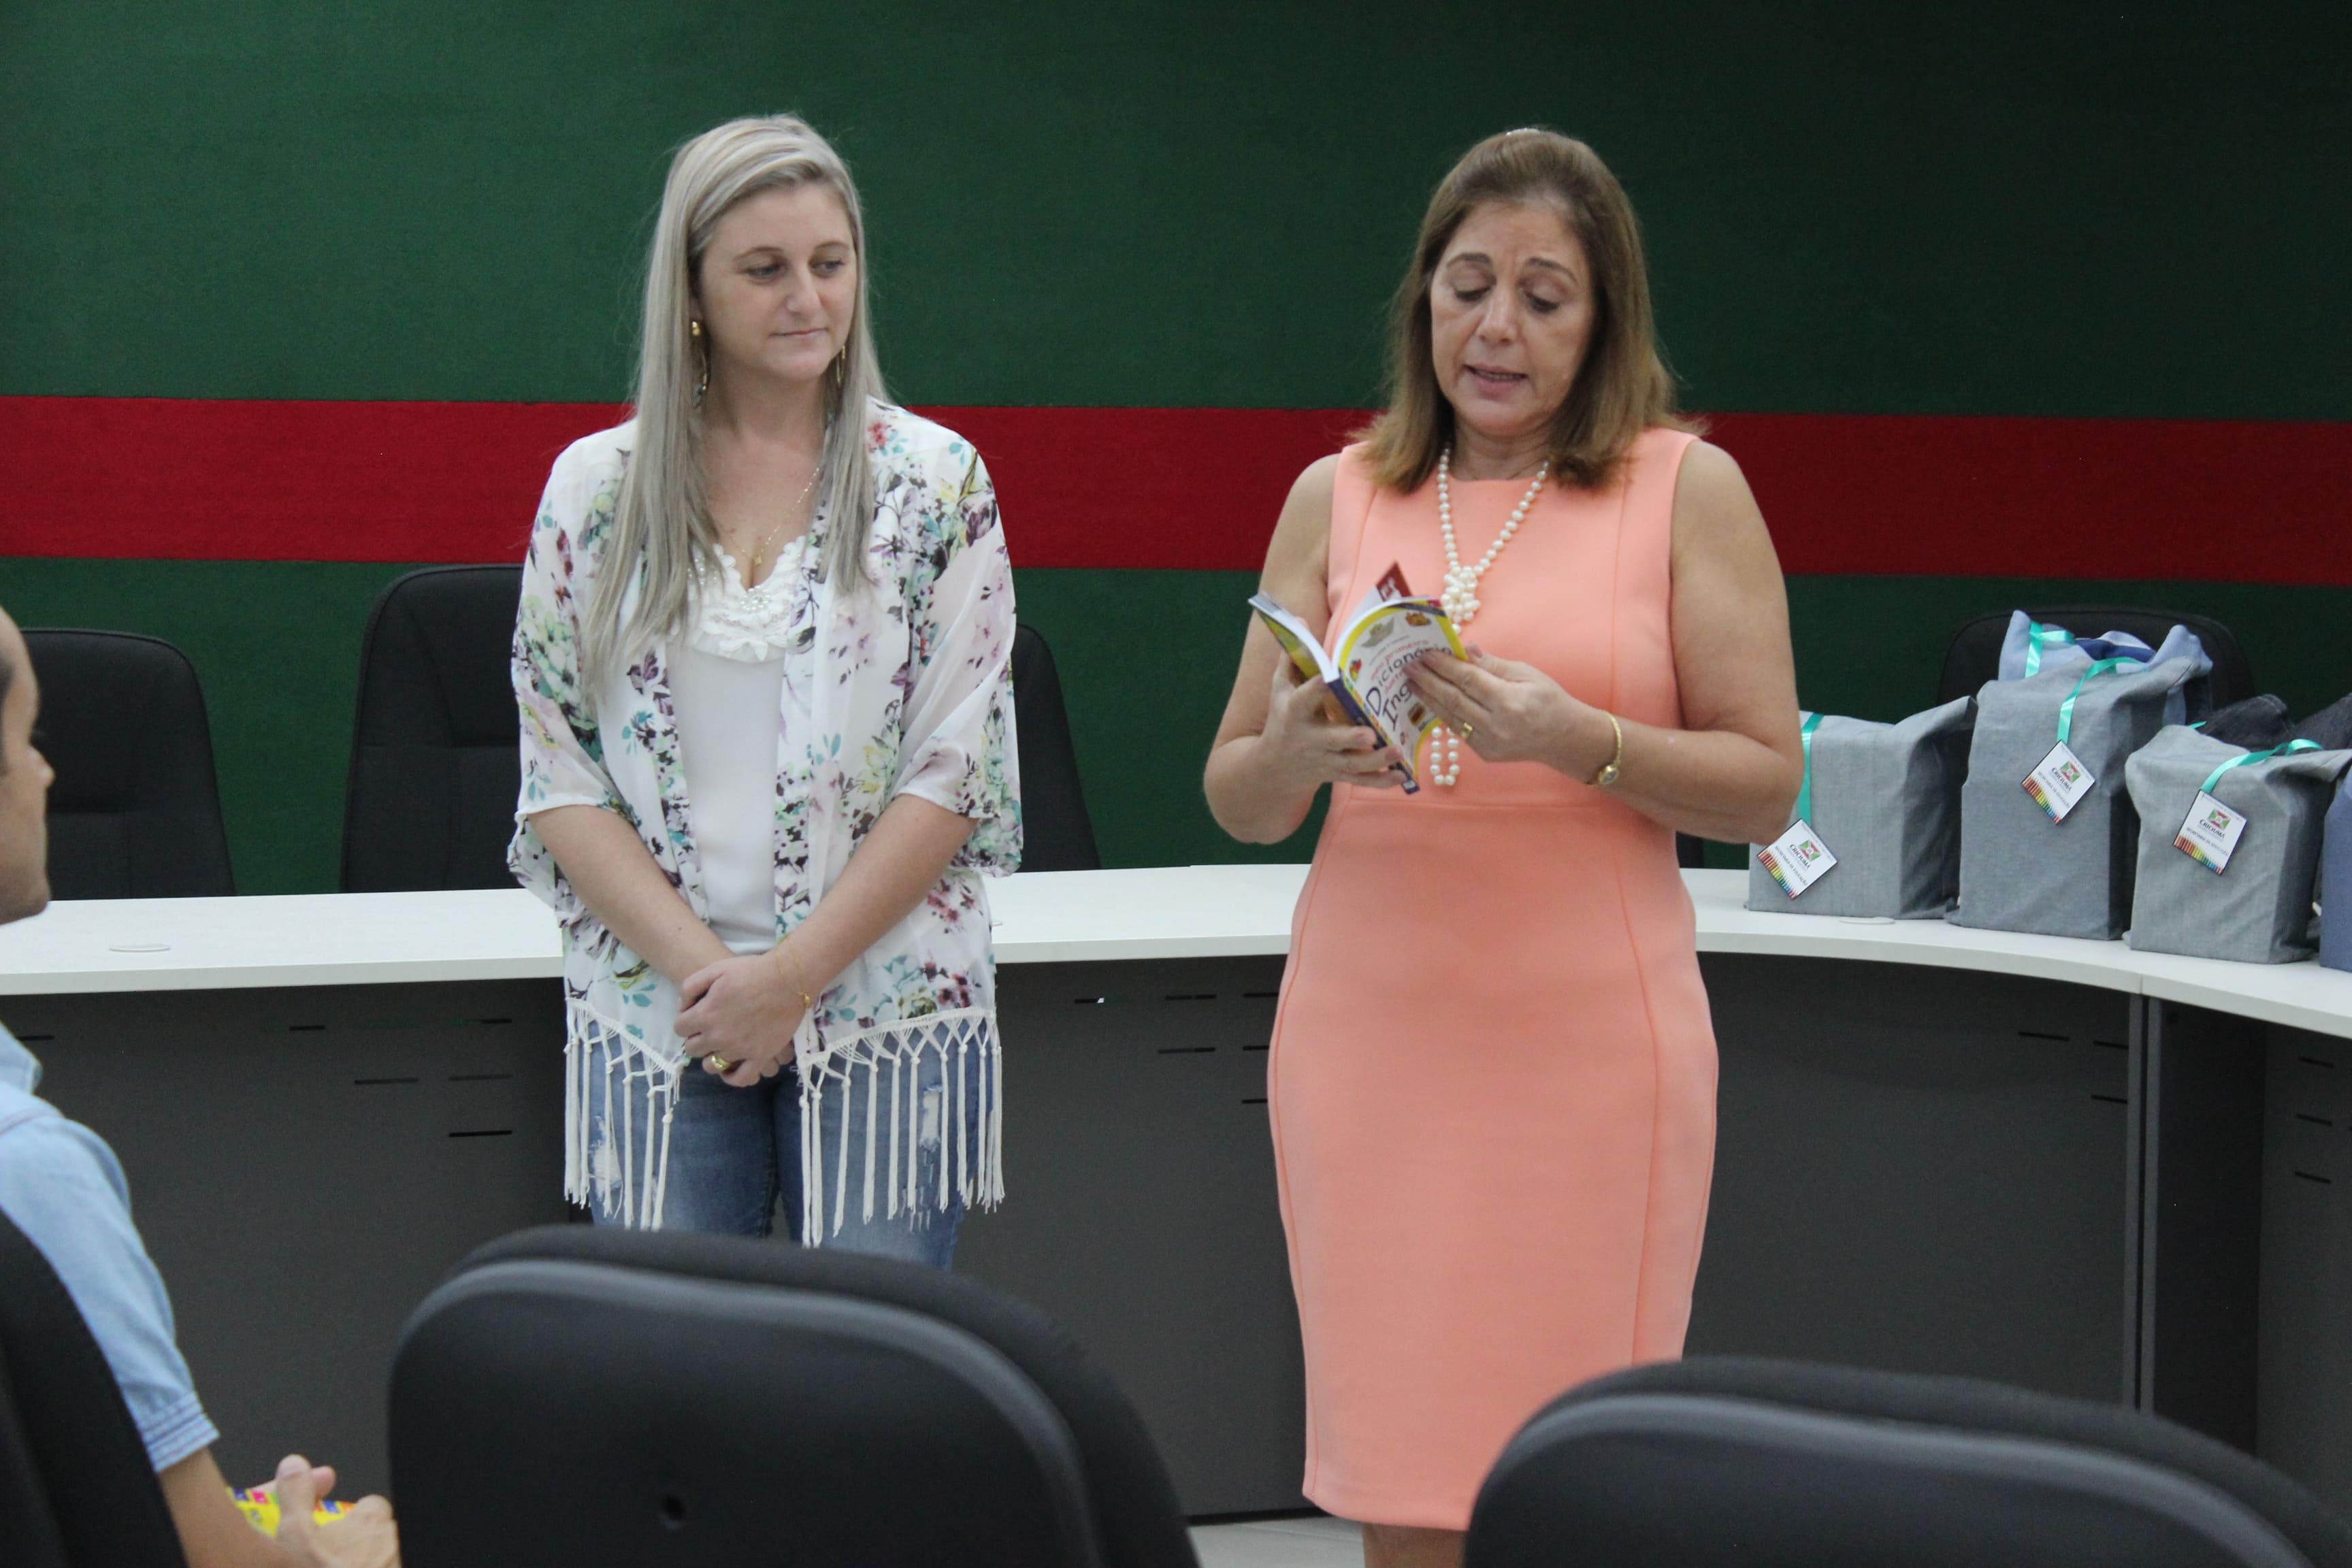 Prefeitura Municipal de Criciúma - Secretaria de Educação inicia entrega de 1.350 dicionários ilustrativos de inglês